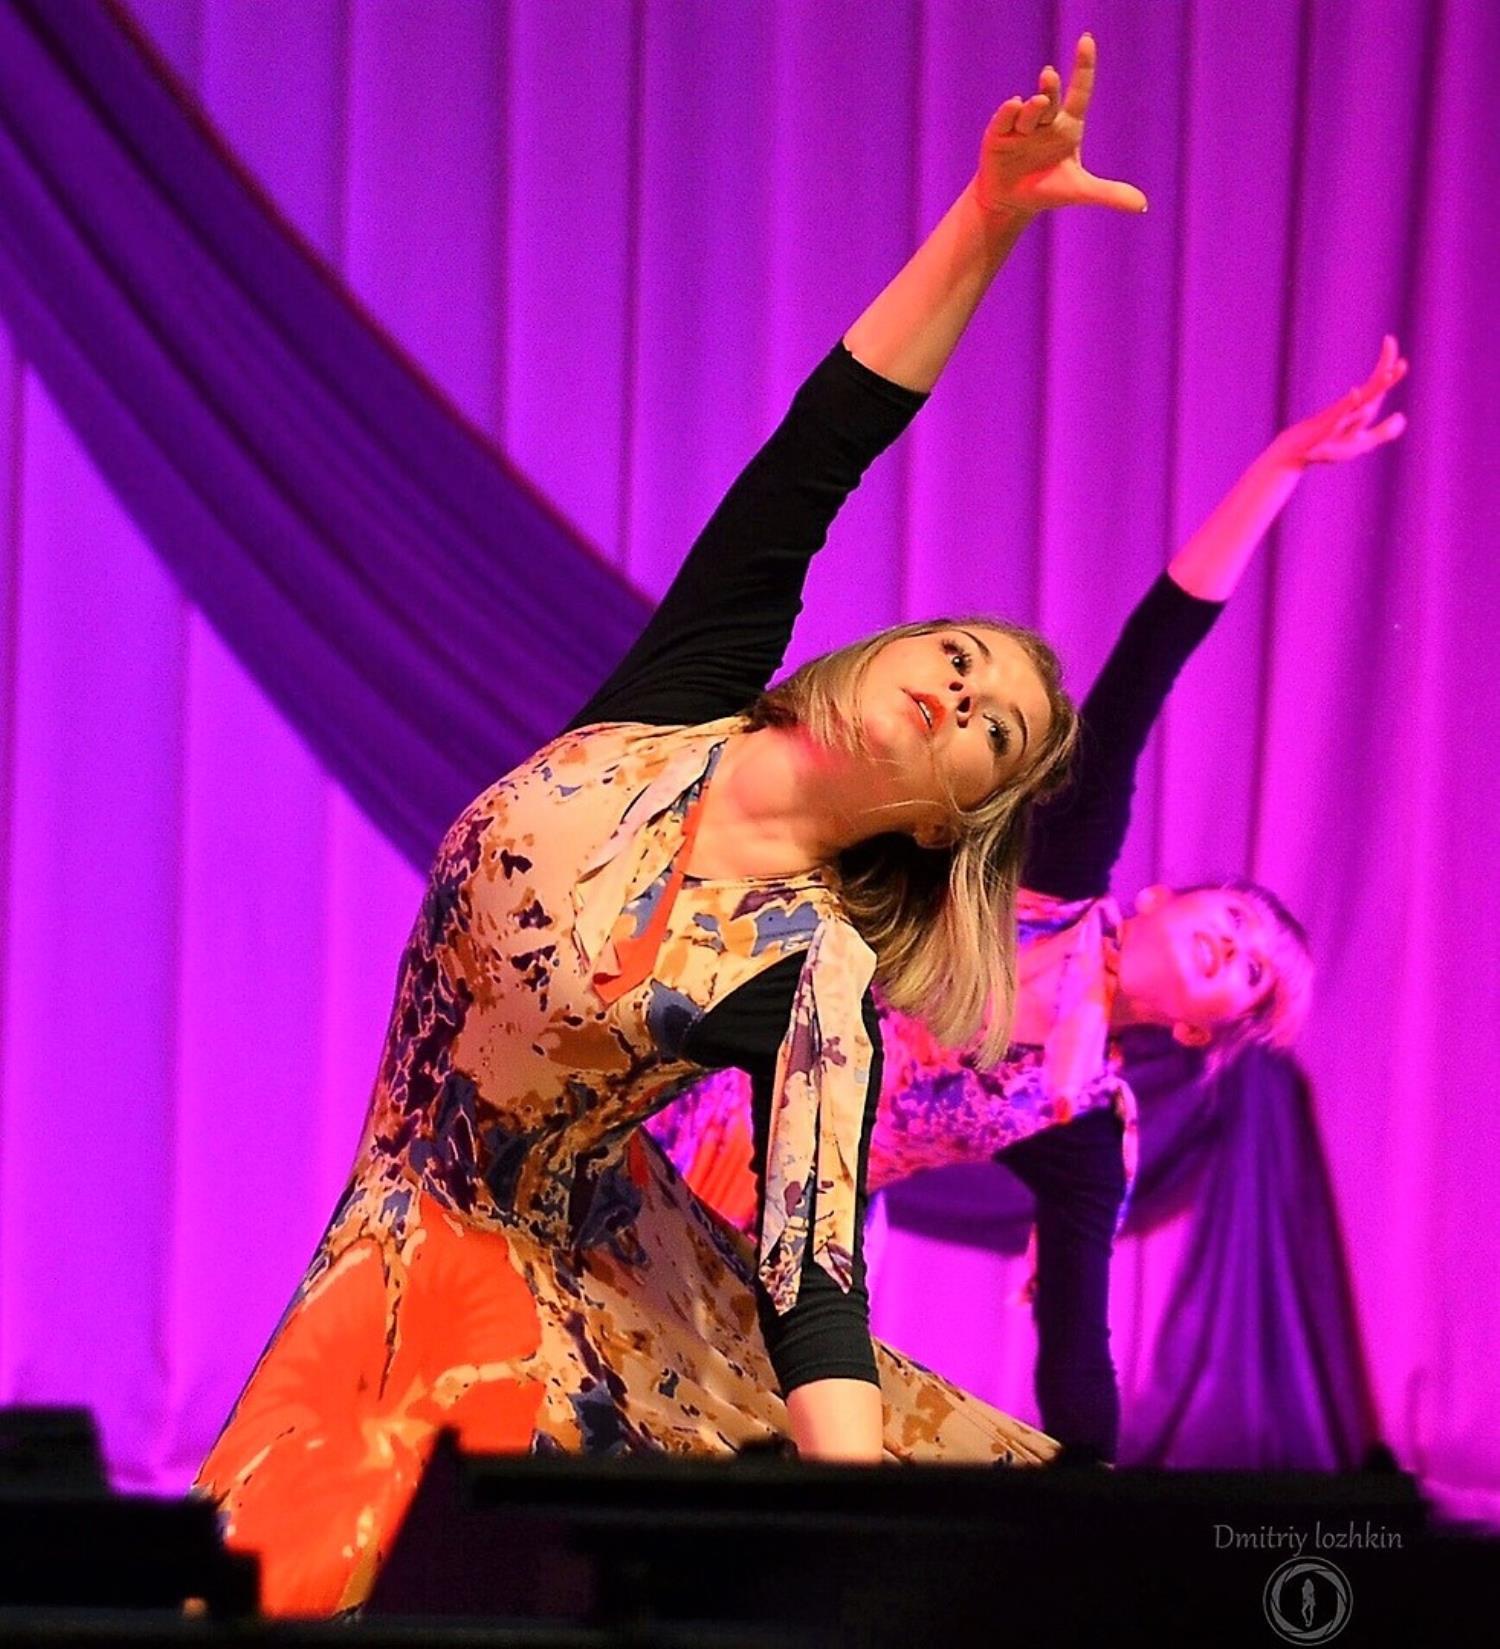 Раскрывает творчество в интересных танцевальных постановках